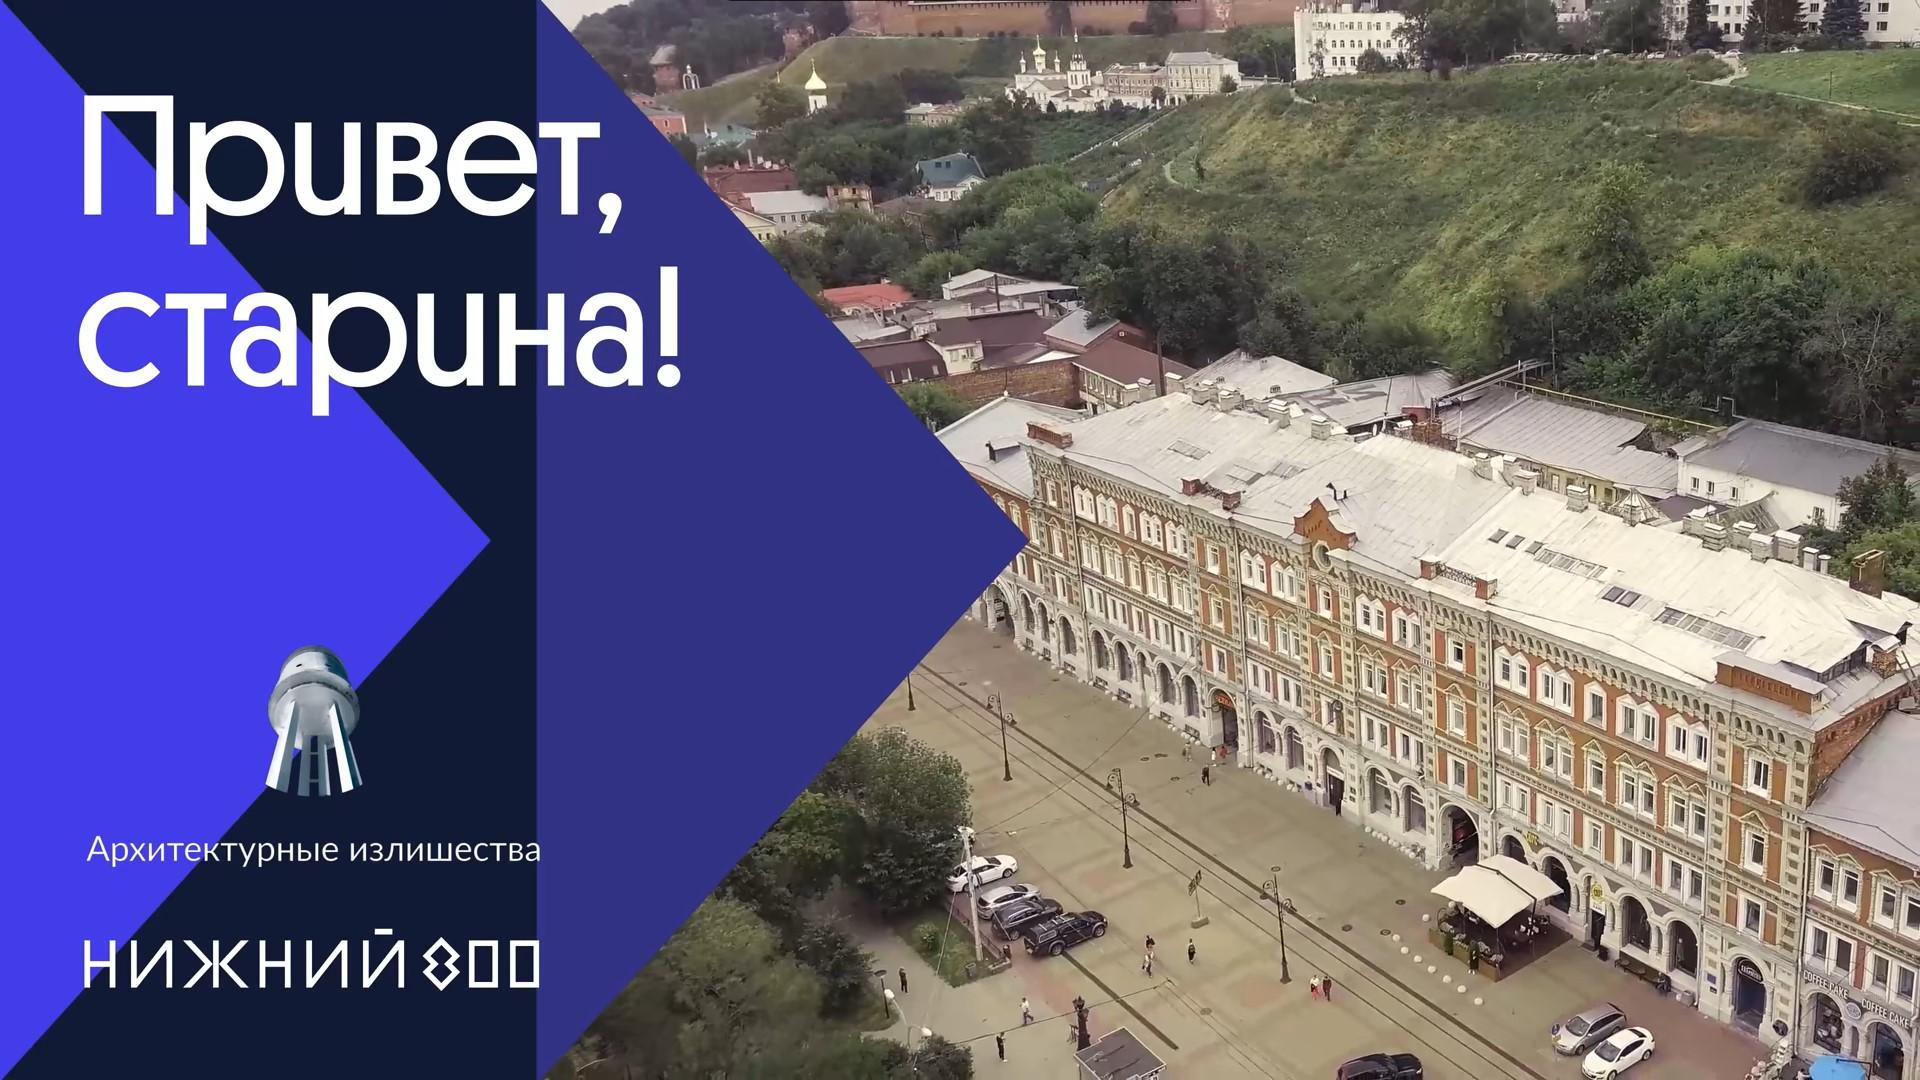 В Нижнем Новгороде запущен проект «Привет, старина»